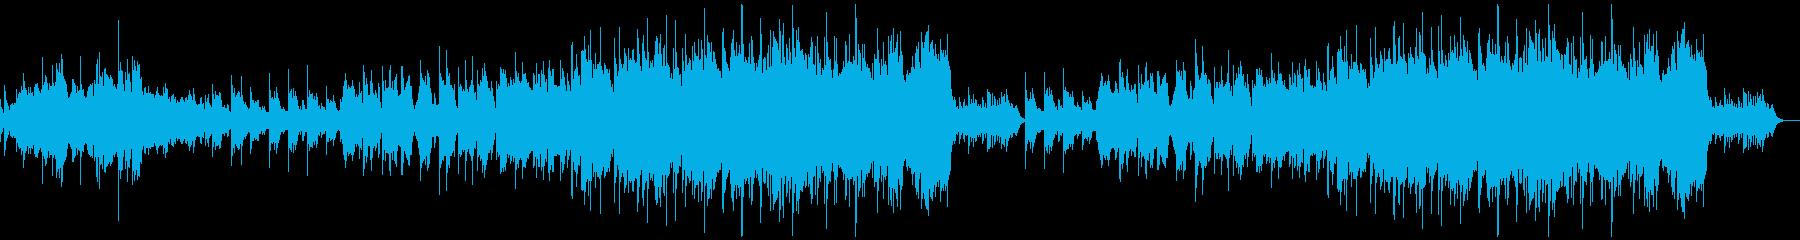 エンディング向けなピアノオーケストラの再生済みの波形